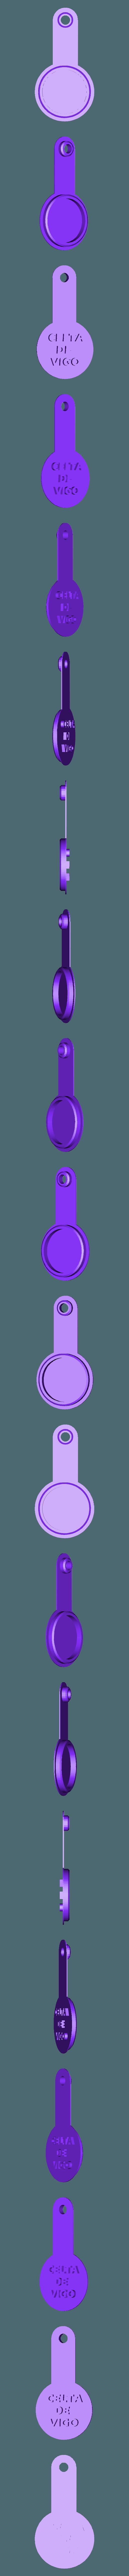 LLAVERO_CELTA_DE_VIGO_MACHO_NFC.stl Télécharger fichier STL gratuit LLAVERO CELTA DE VIGO, REAL MADRID, BARCELONA, ATLETICO DE MADRID Y TORTUGA (NFC) • Modèle imprimable en 3D, celtarra12